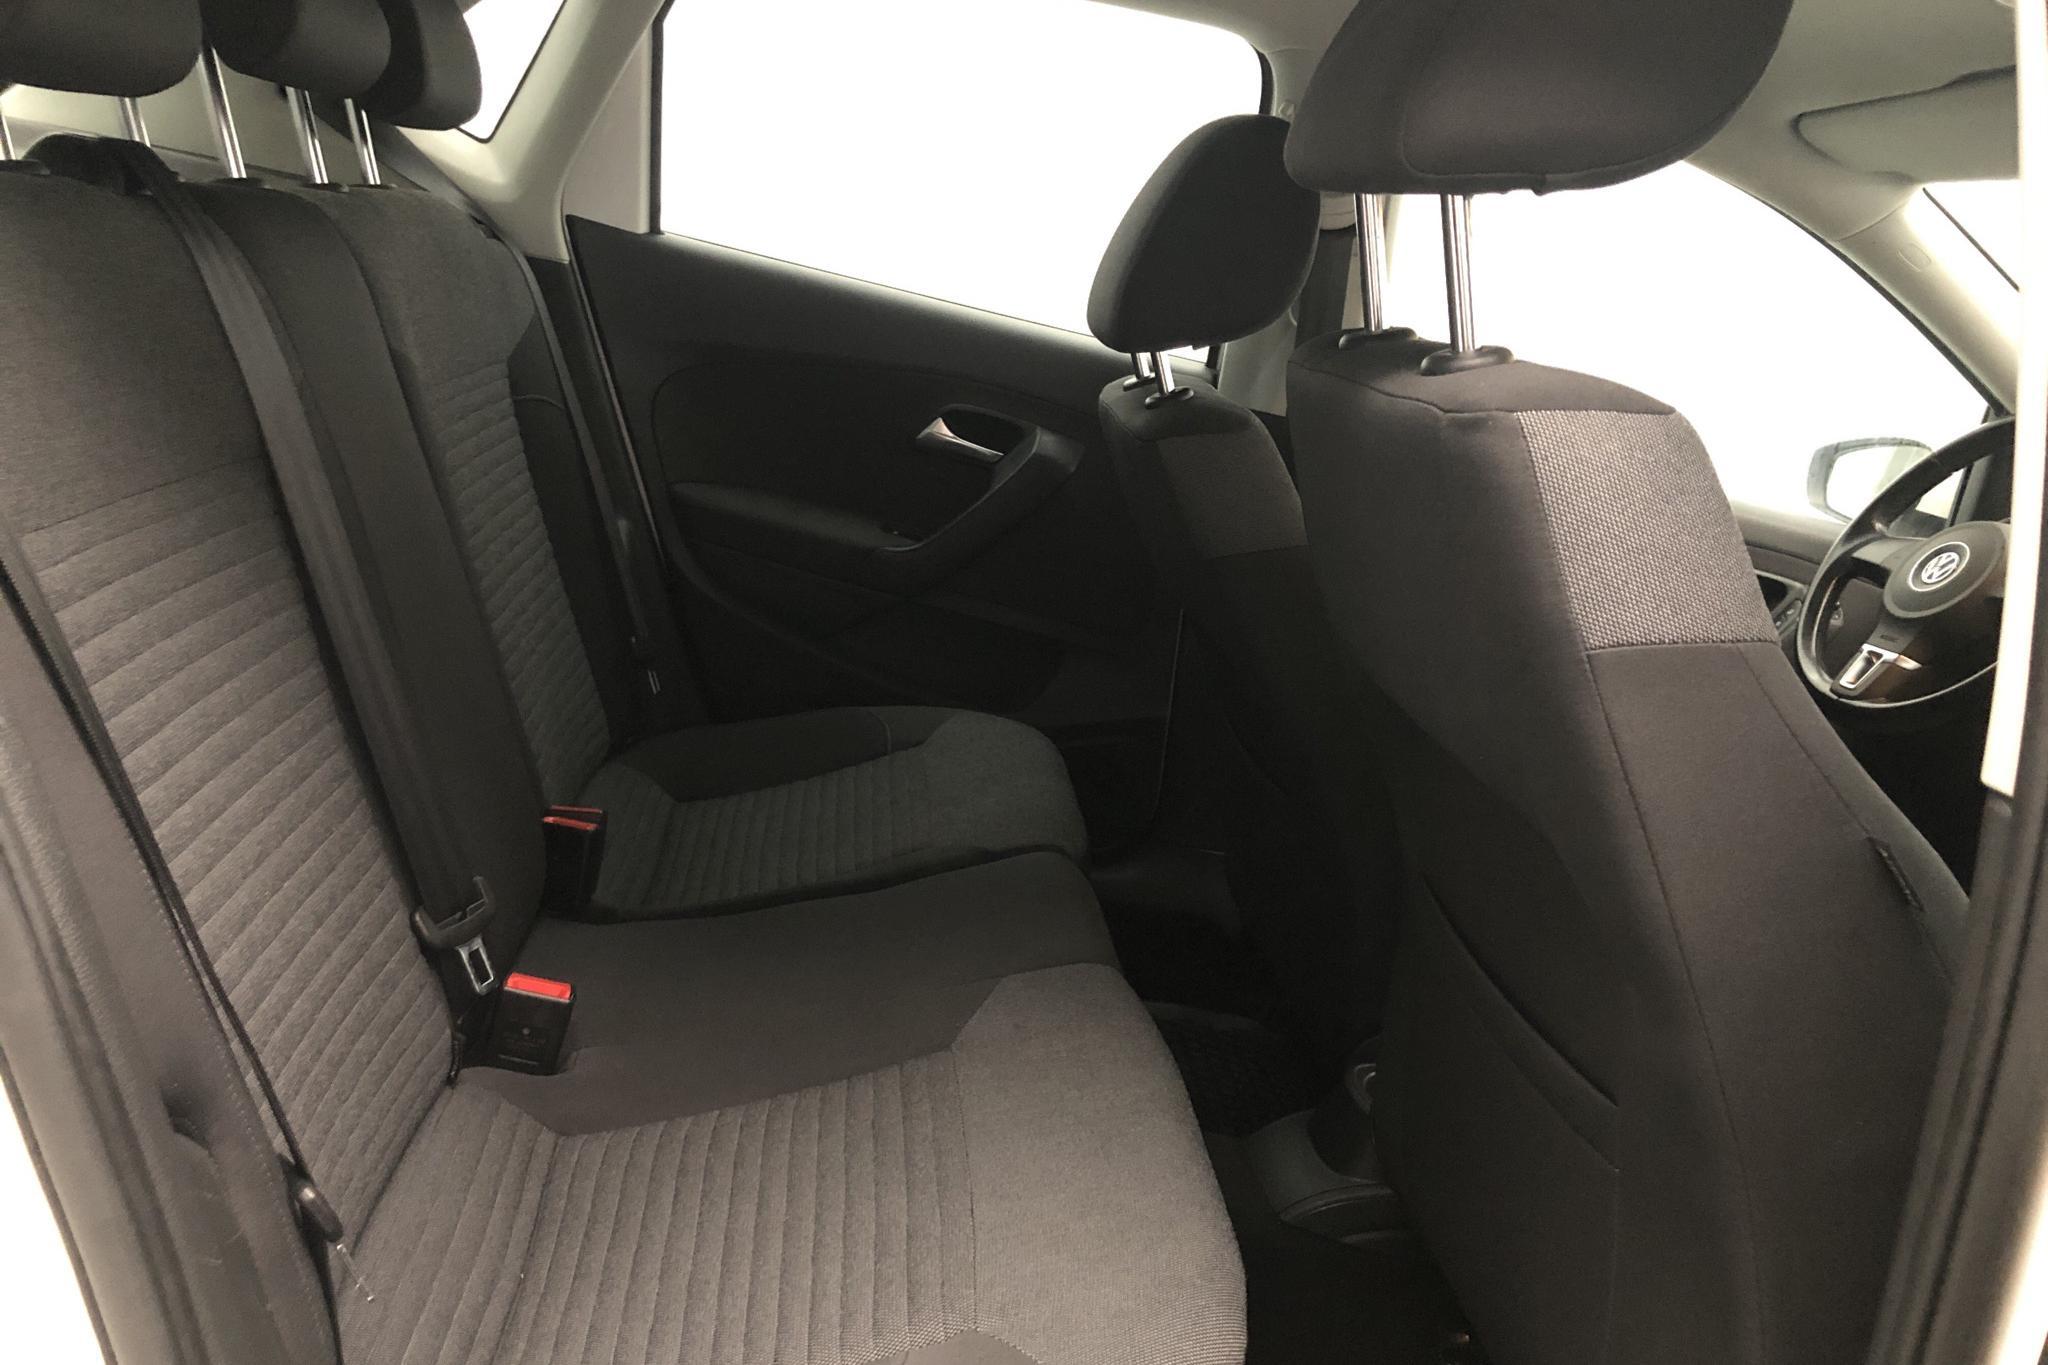 VW Polo 1.6 TDI 5dr (90hk) - 17 692 mil - Manuell - vit - 2010